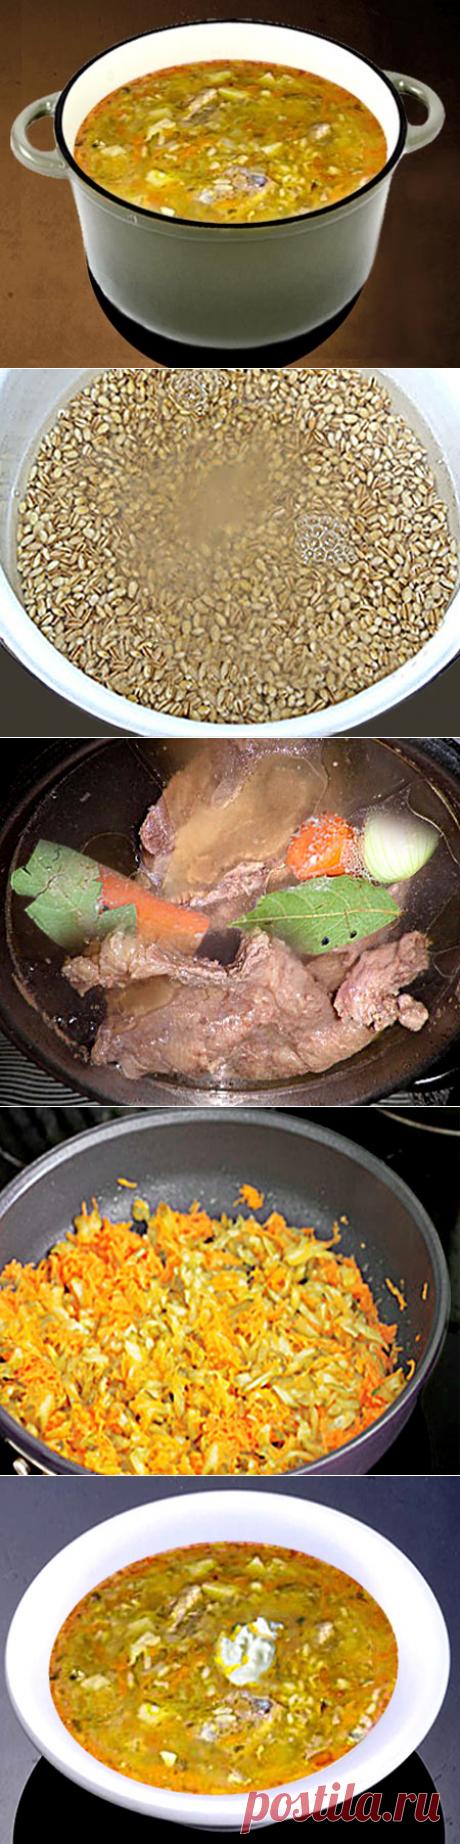 Суп рассольник с перловкой и солеными огурцами рецепт с фото